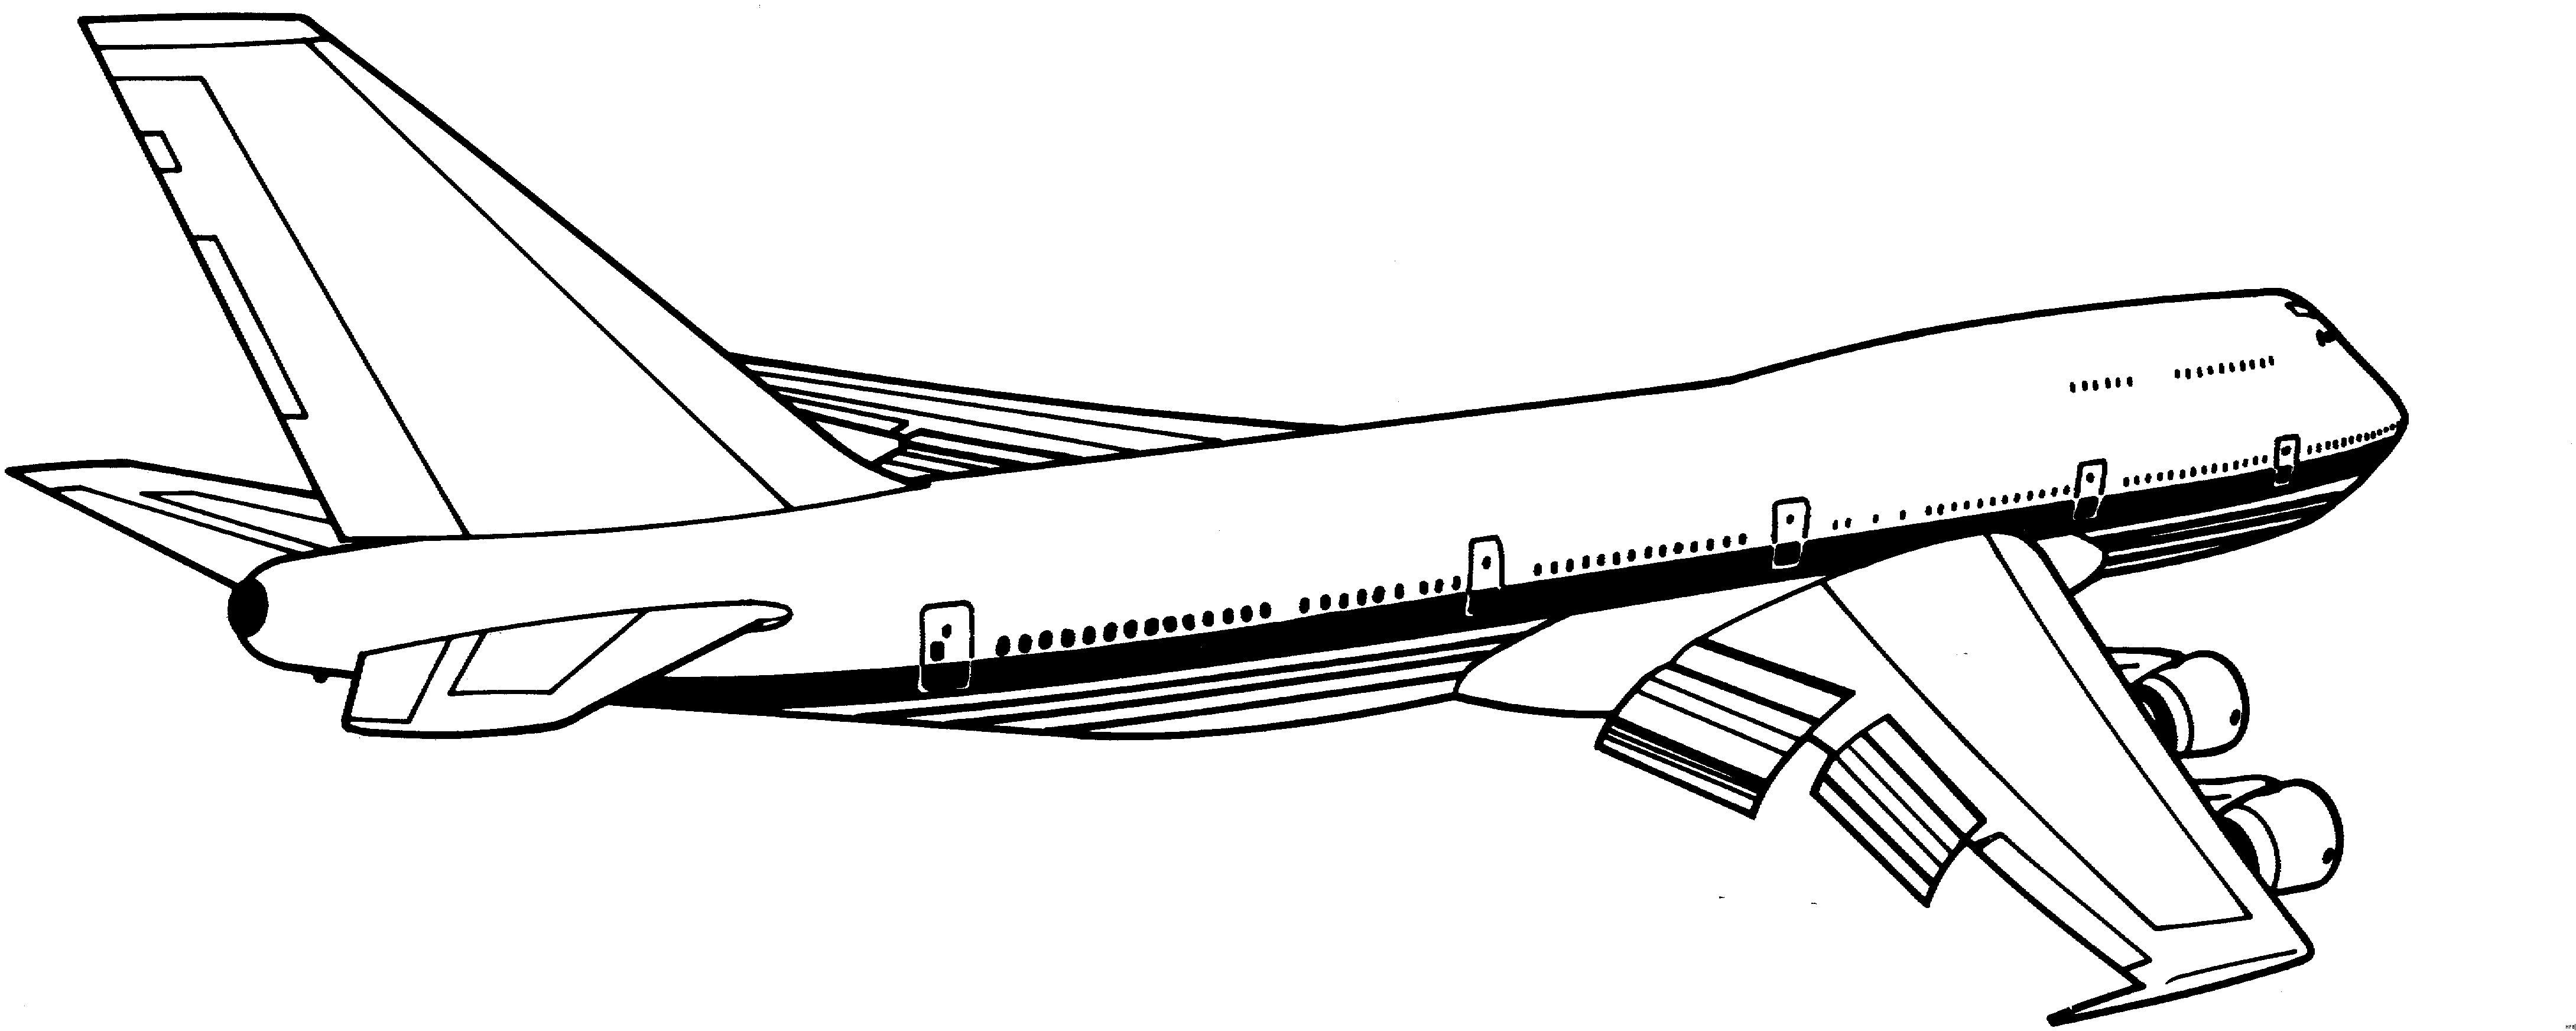 malvorlagen flugzeug für kinder malvorlagen flugzeug